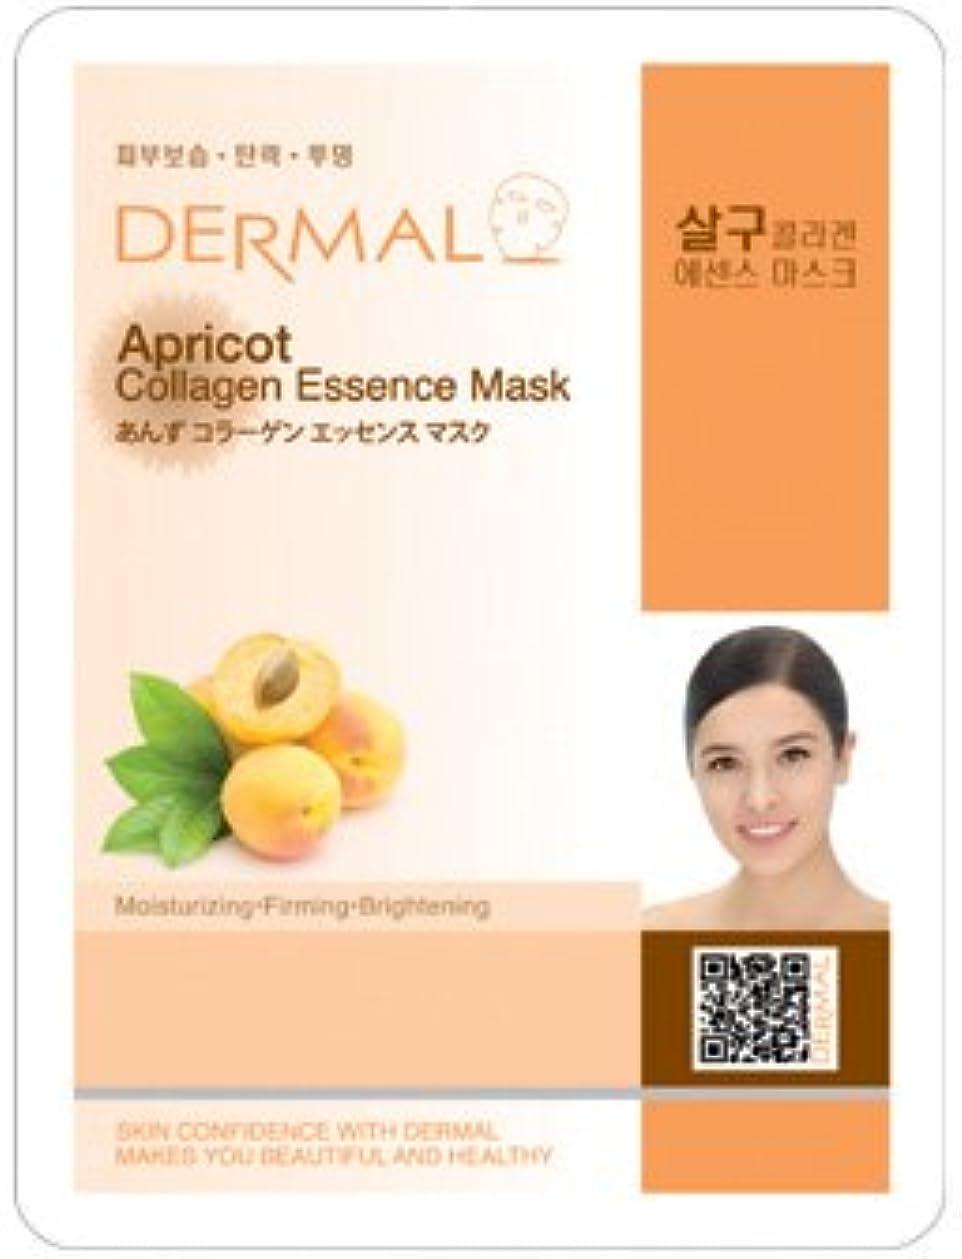 着るフェデレーションほめるシート マスク あんず ダーマル Dermal 23g (10枚セット) 韓国コスメ フェイス パック